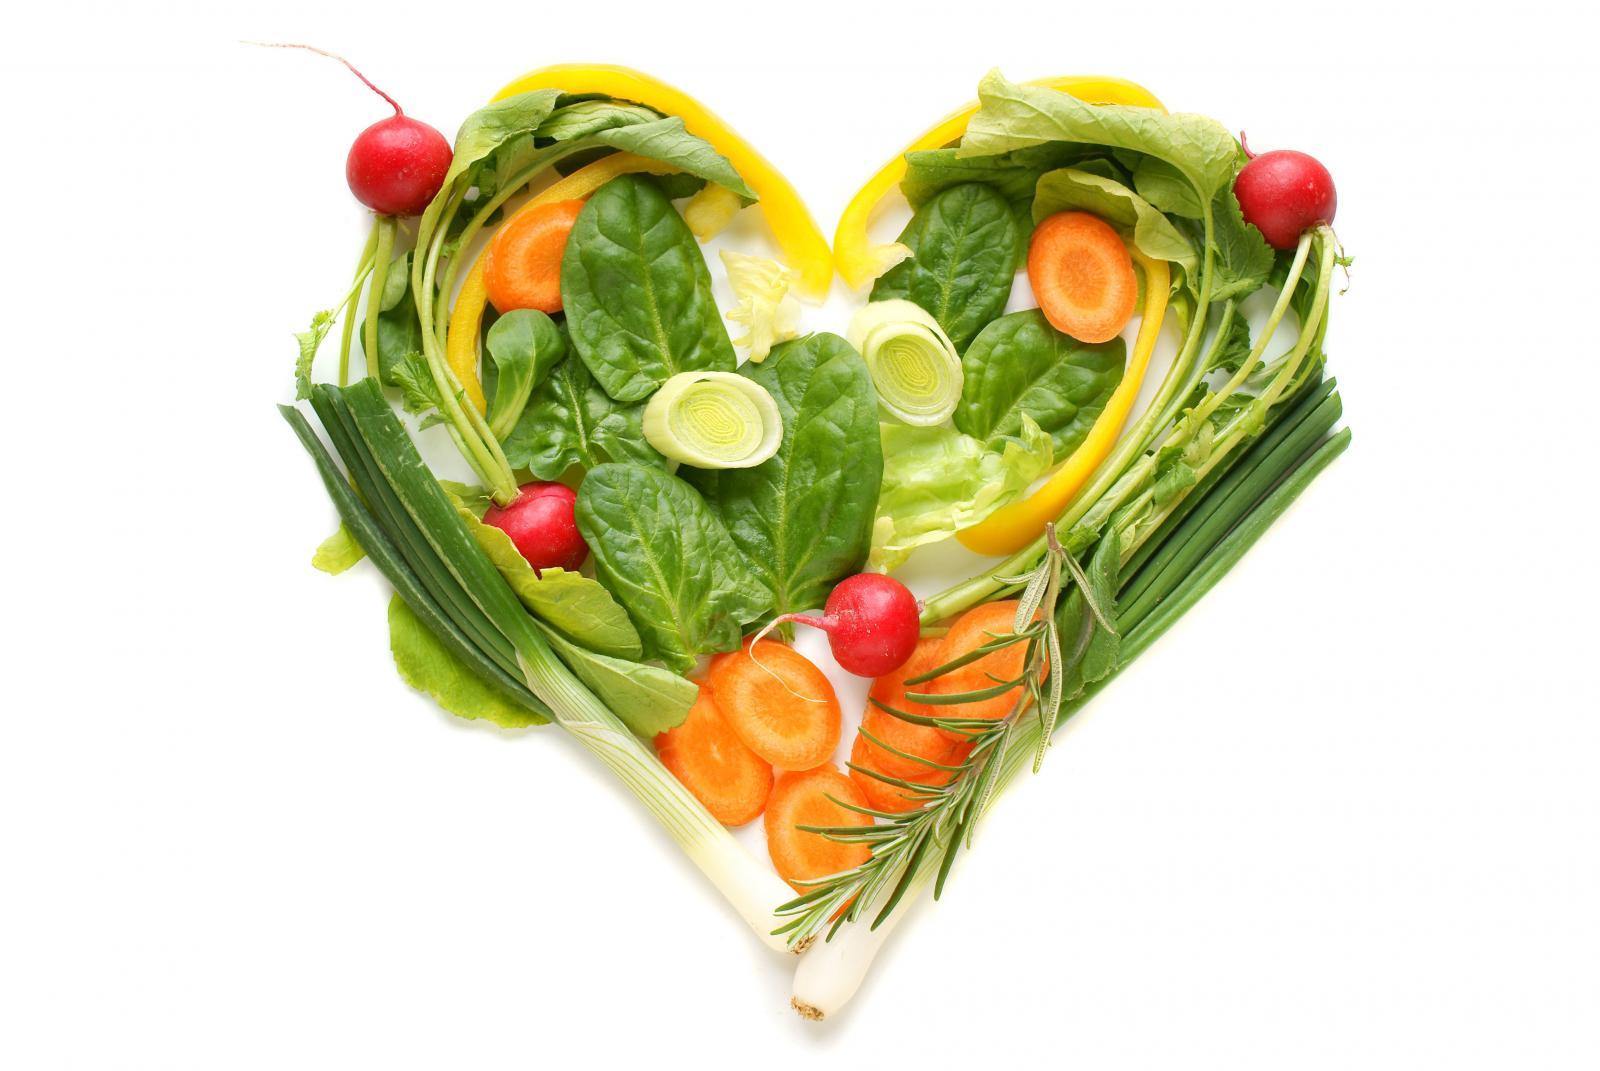  Диета Пастернака - в рацион должна входить клетчатка (зелень, овощи, фрукты). 